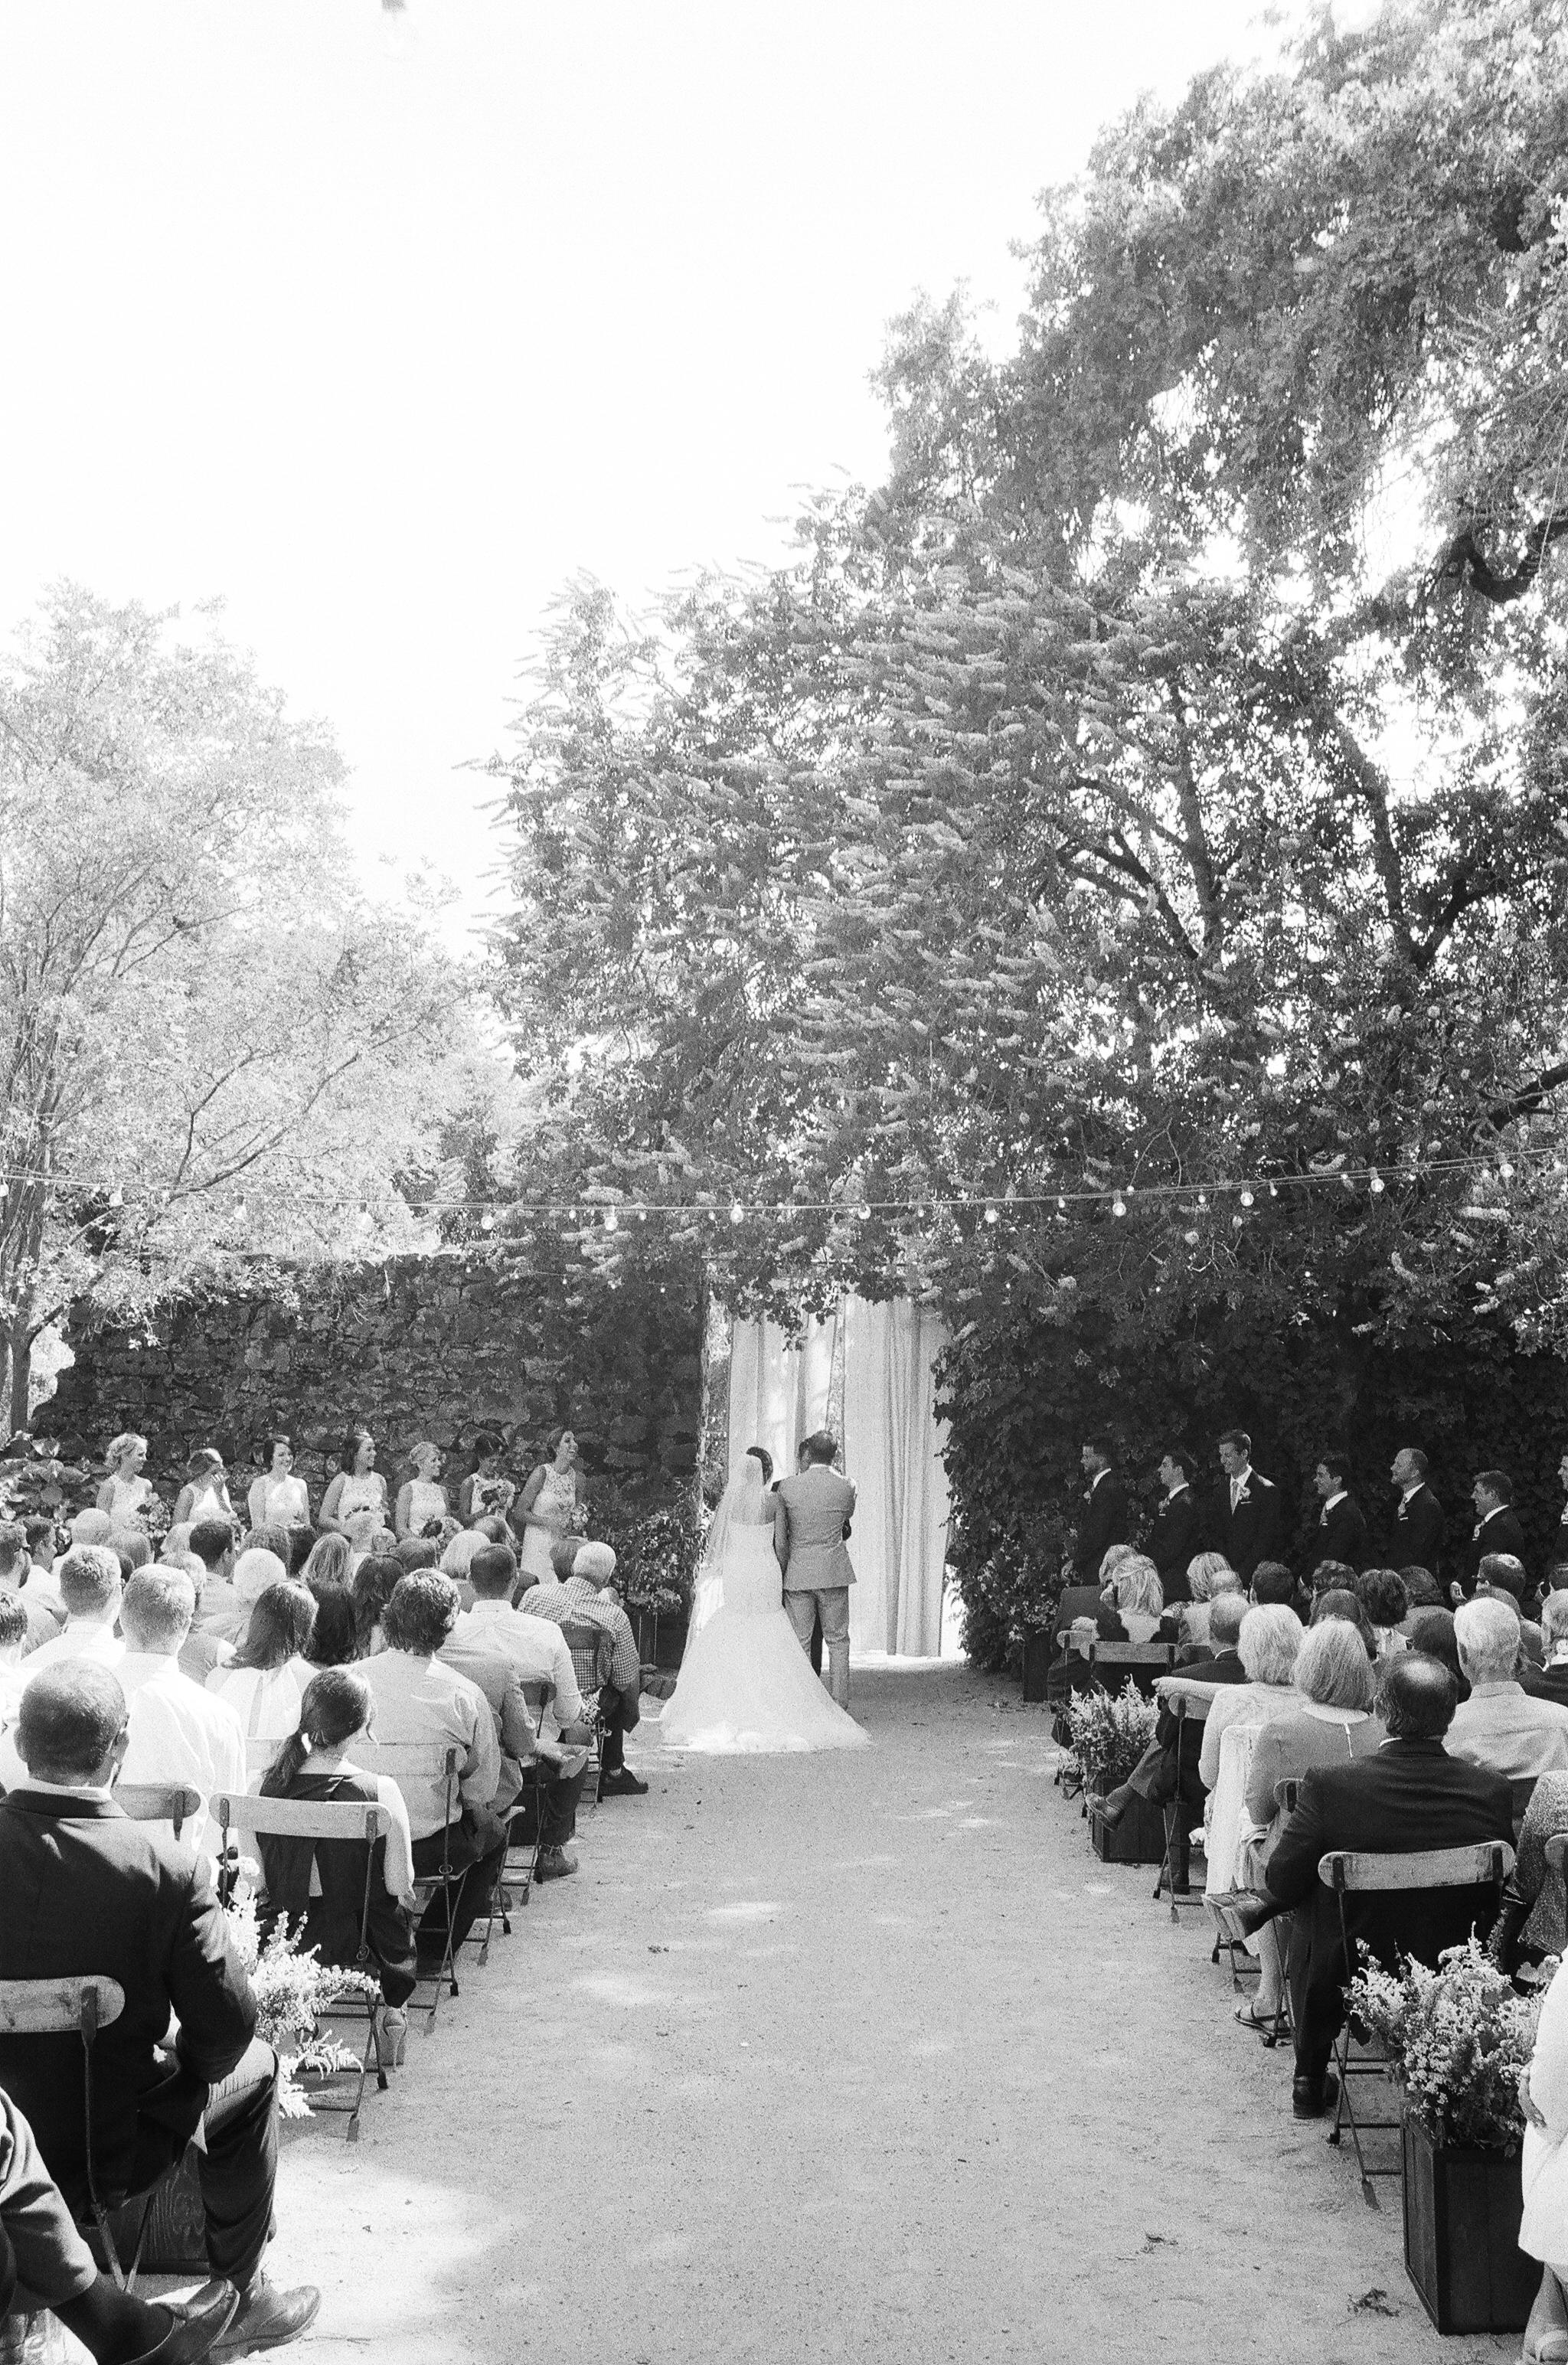 McLoughlin _ Ceremony _ 085#E4D8.jpg